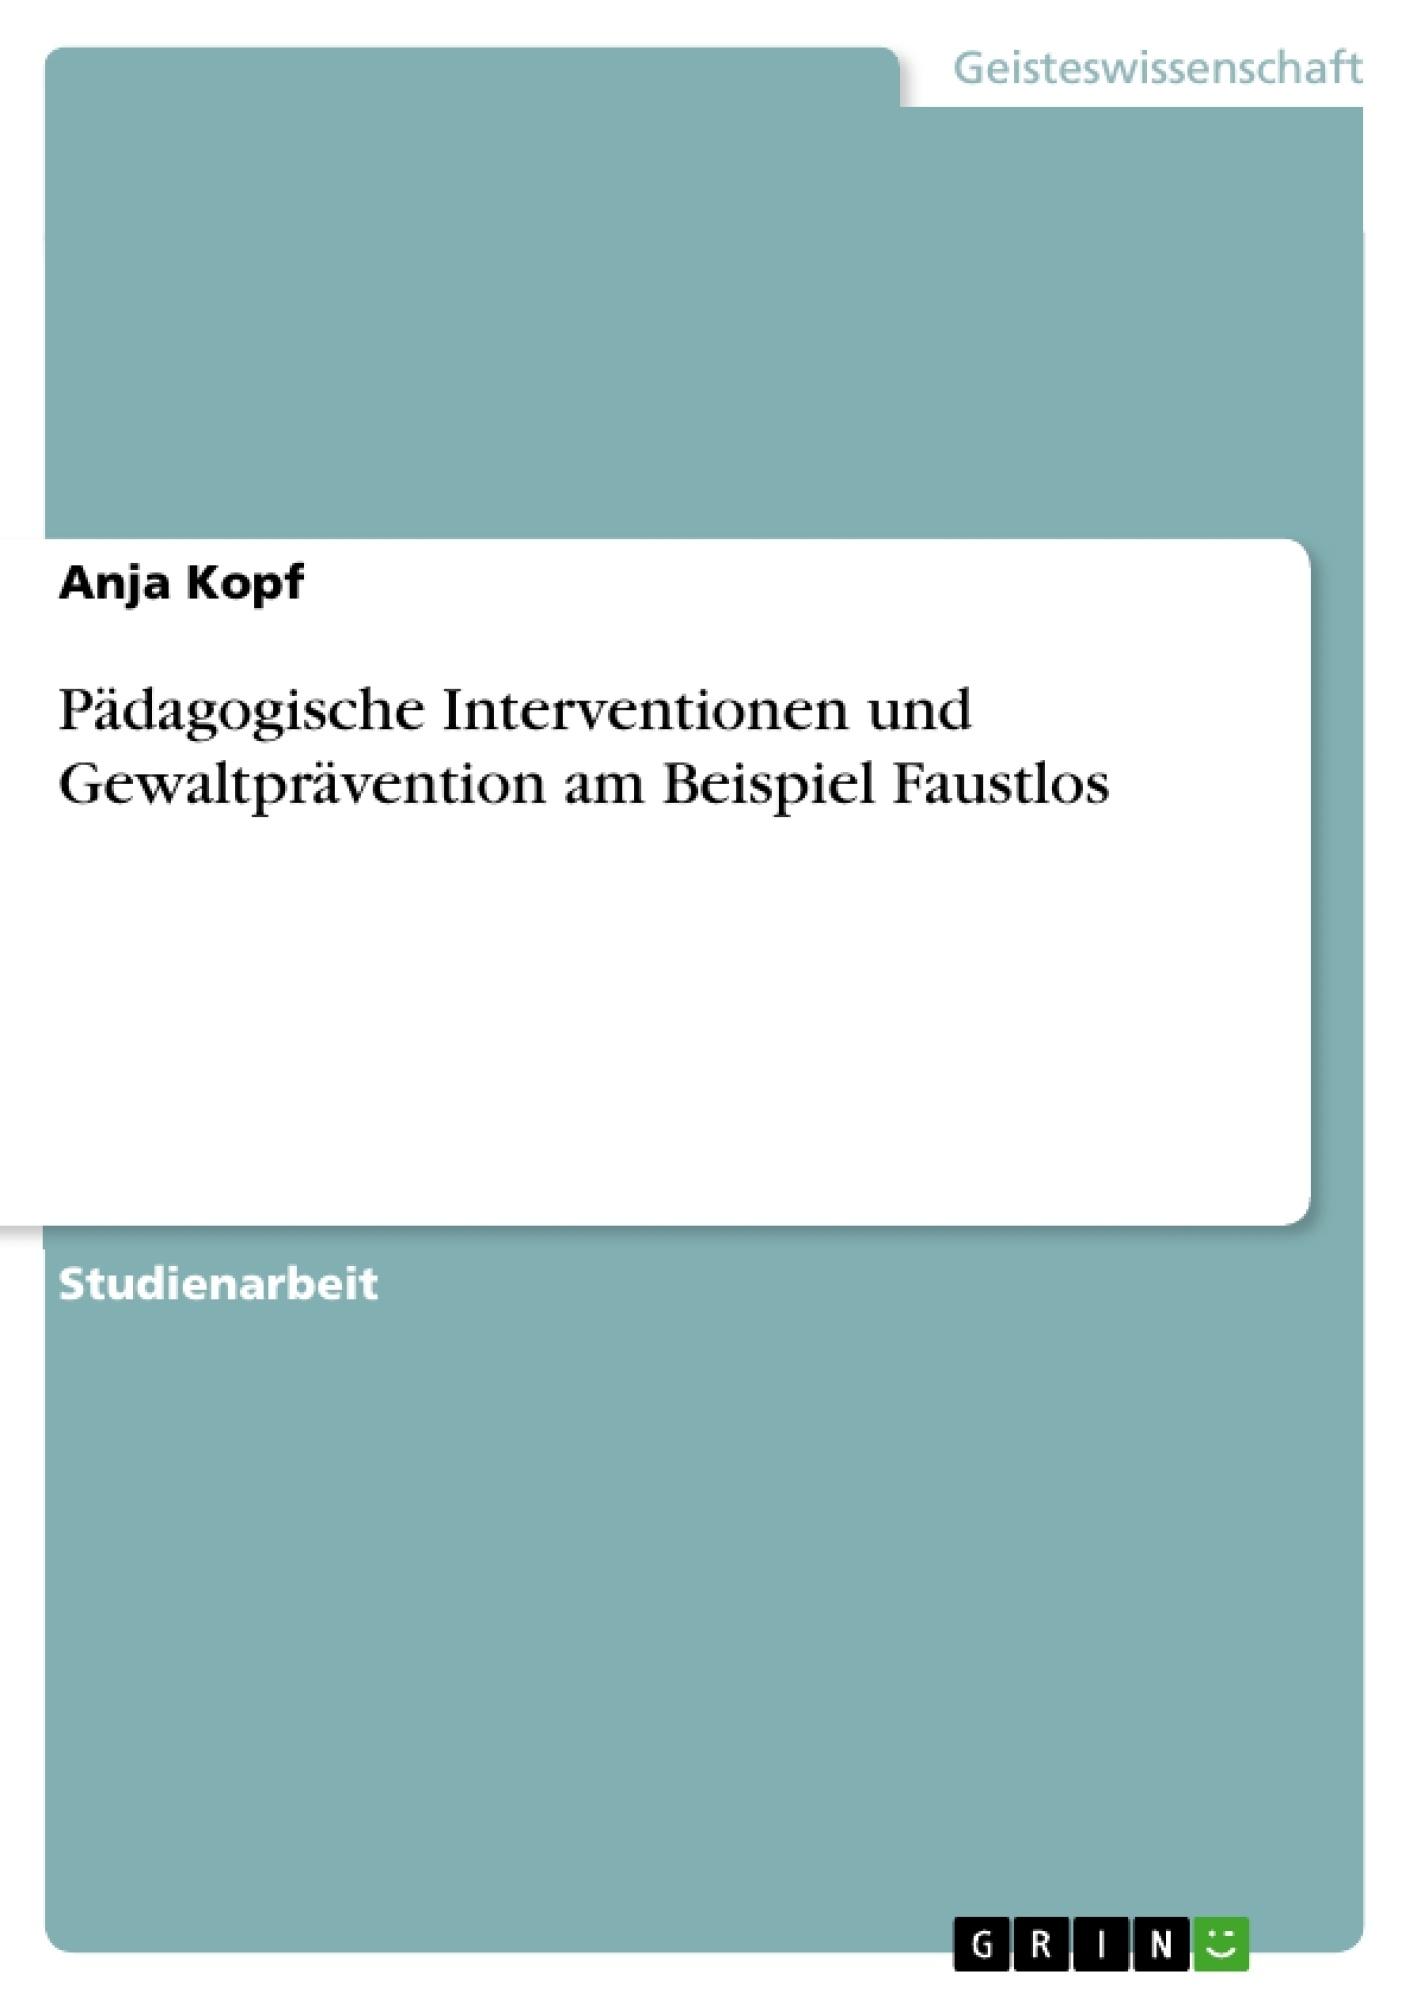 Titel: Pädagogische Interventionen und Gewaltprävention am Beispiel Faustlos